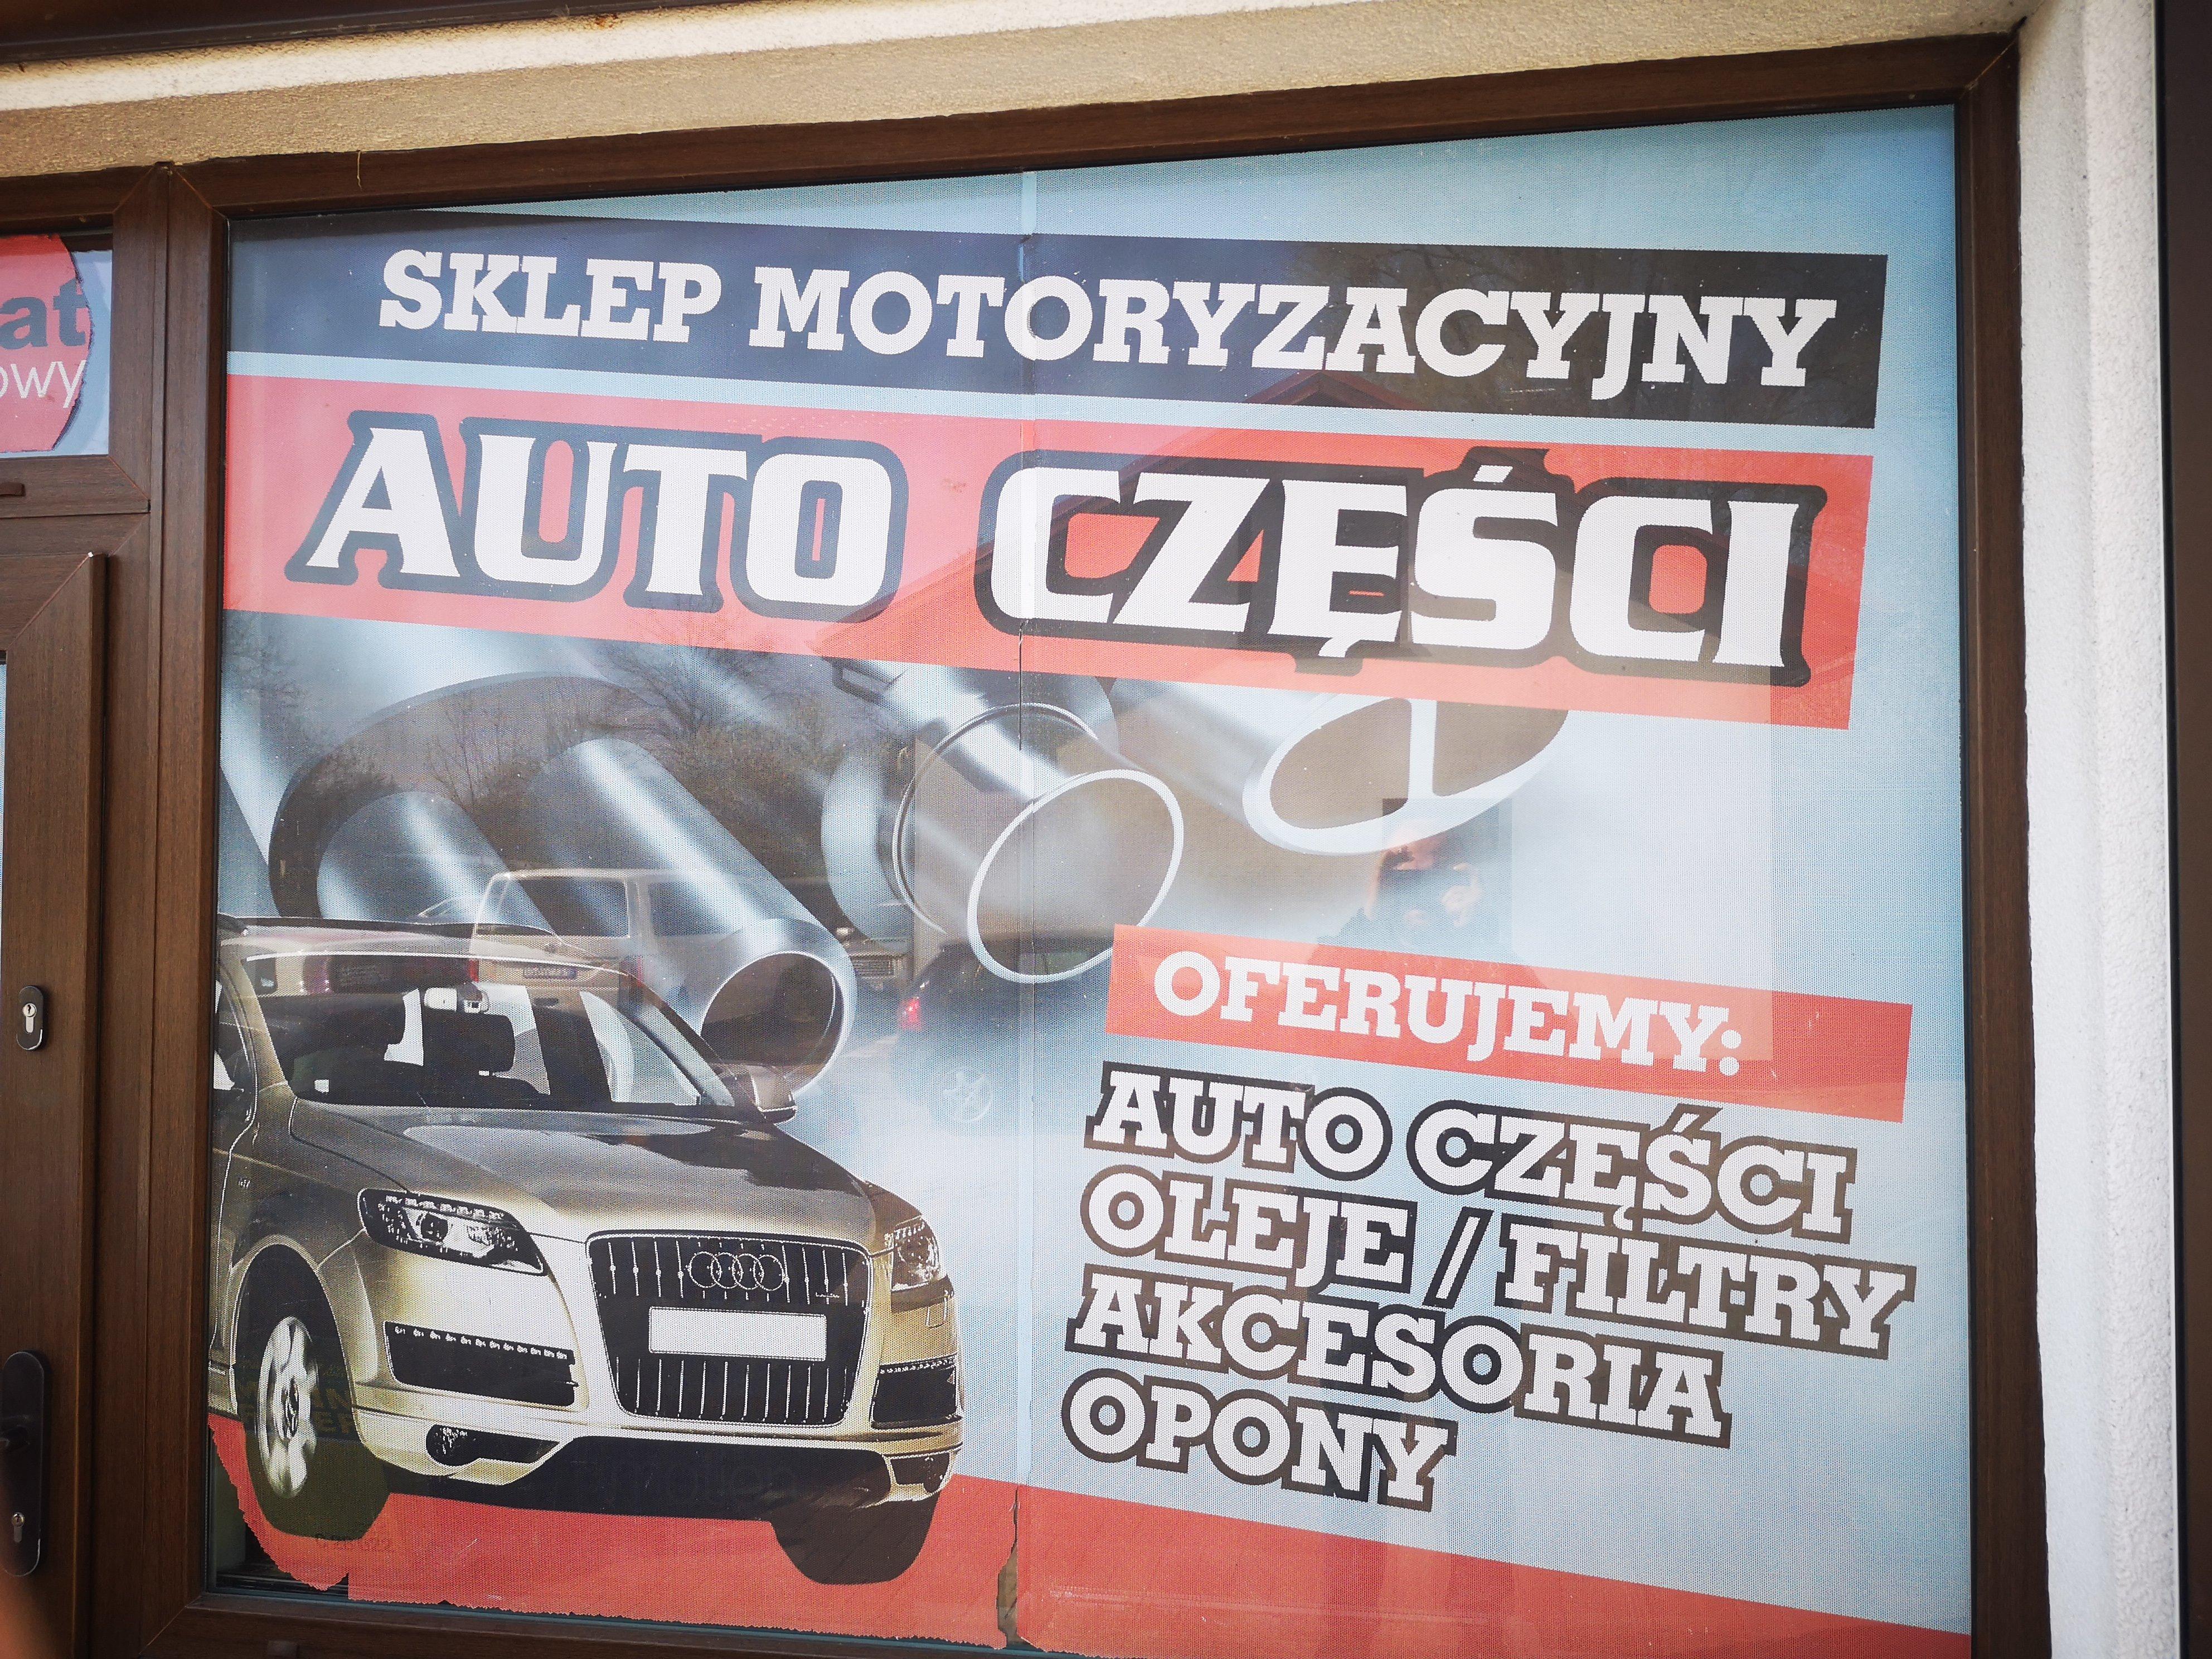 Auto Serwis Piotrowscy photo-0